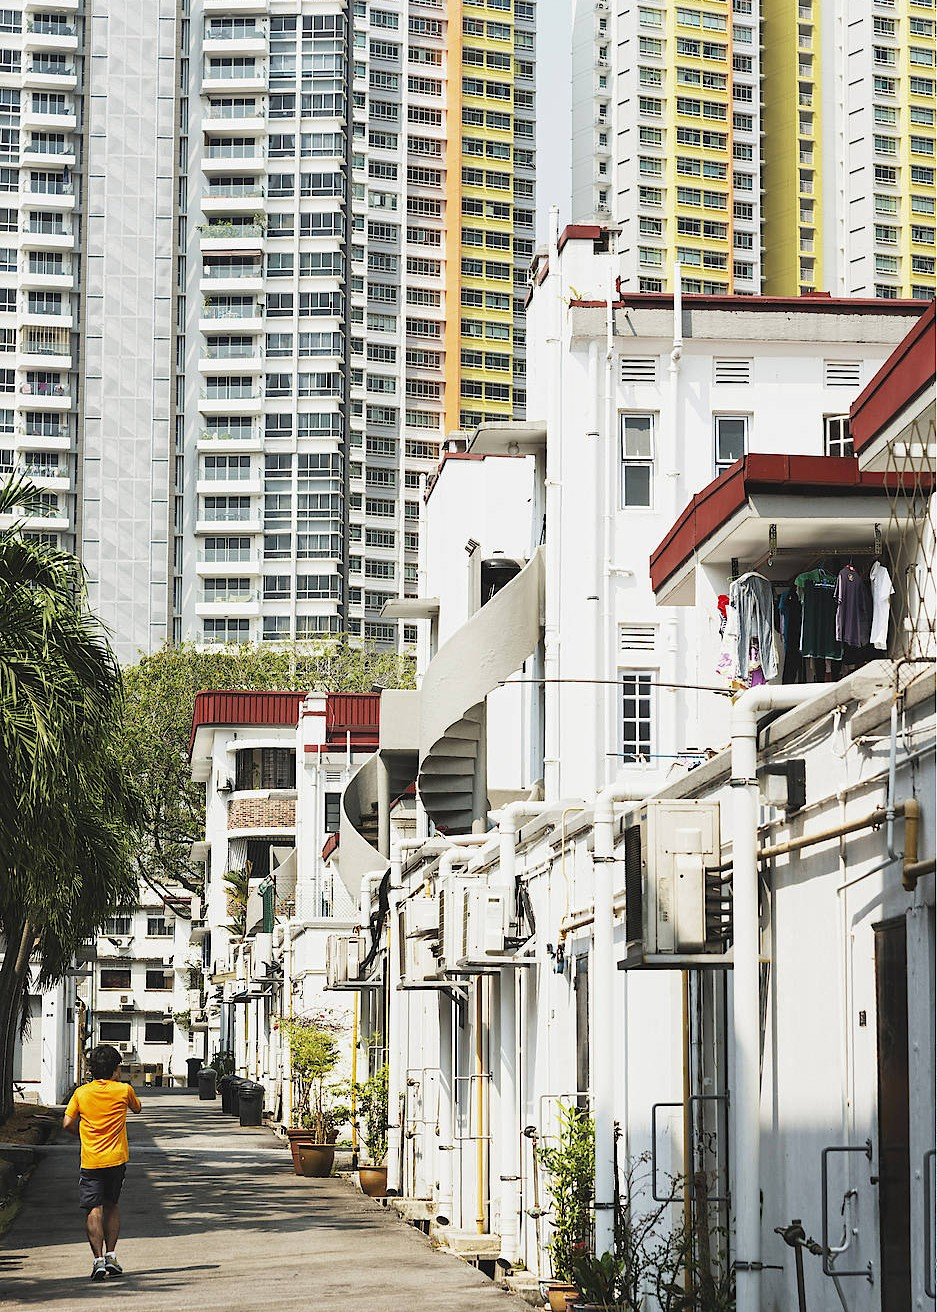 bilderstrecke zu wohnen in singapur im schmelztiegel der stadt bild 1 von 3 faz. Black Bedroom Furniture Sets. Home Design Ideas